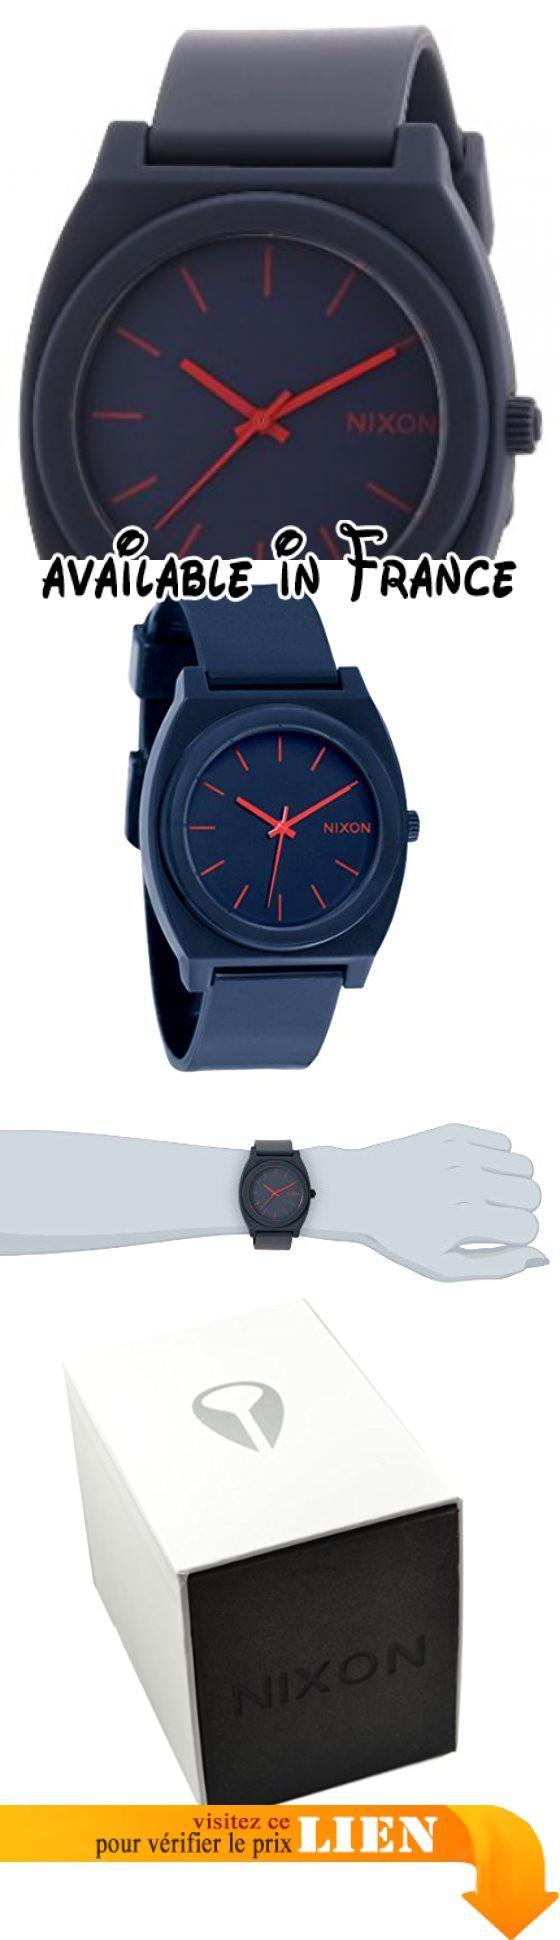 B0048FJ6TE : Nixon - A119692-00 - Montre Mixte - Quartz Analogique - Bracelet Plastique Bleu. Montre Mixte à mouvement Quartz - Bracelet en Plastique Bleu. Type d'affichage : Analogique. Type de verre : Minéral